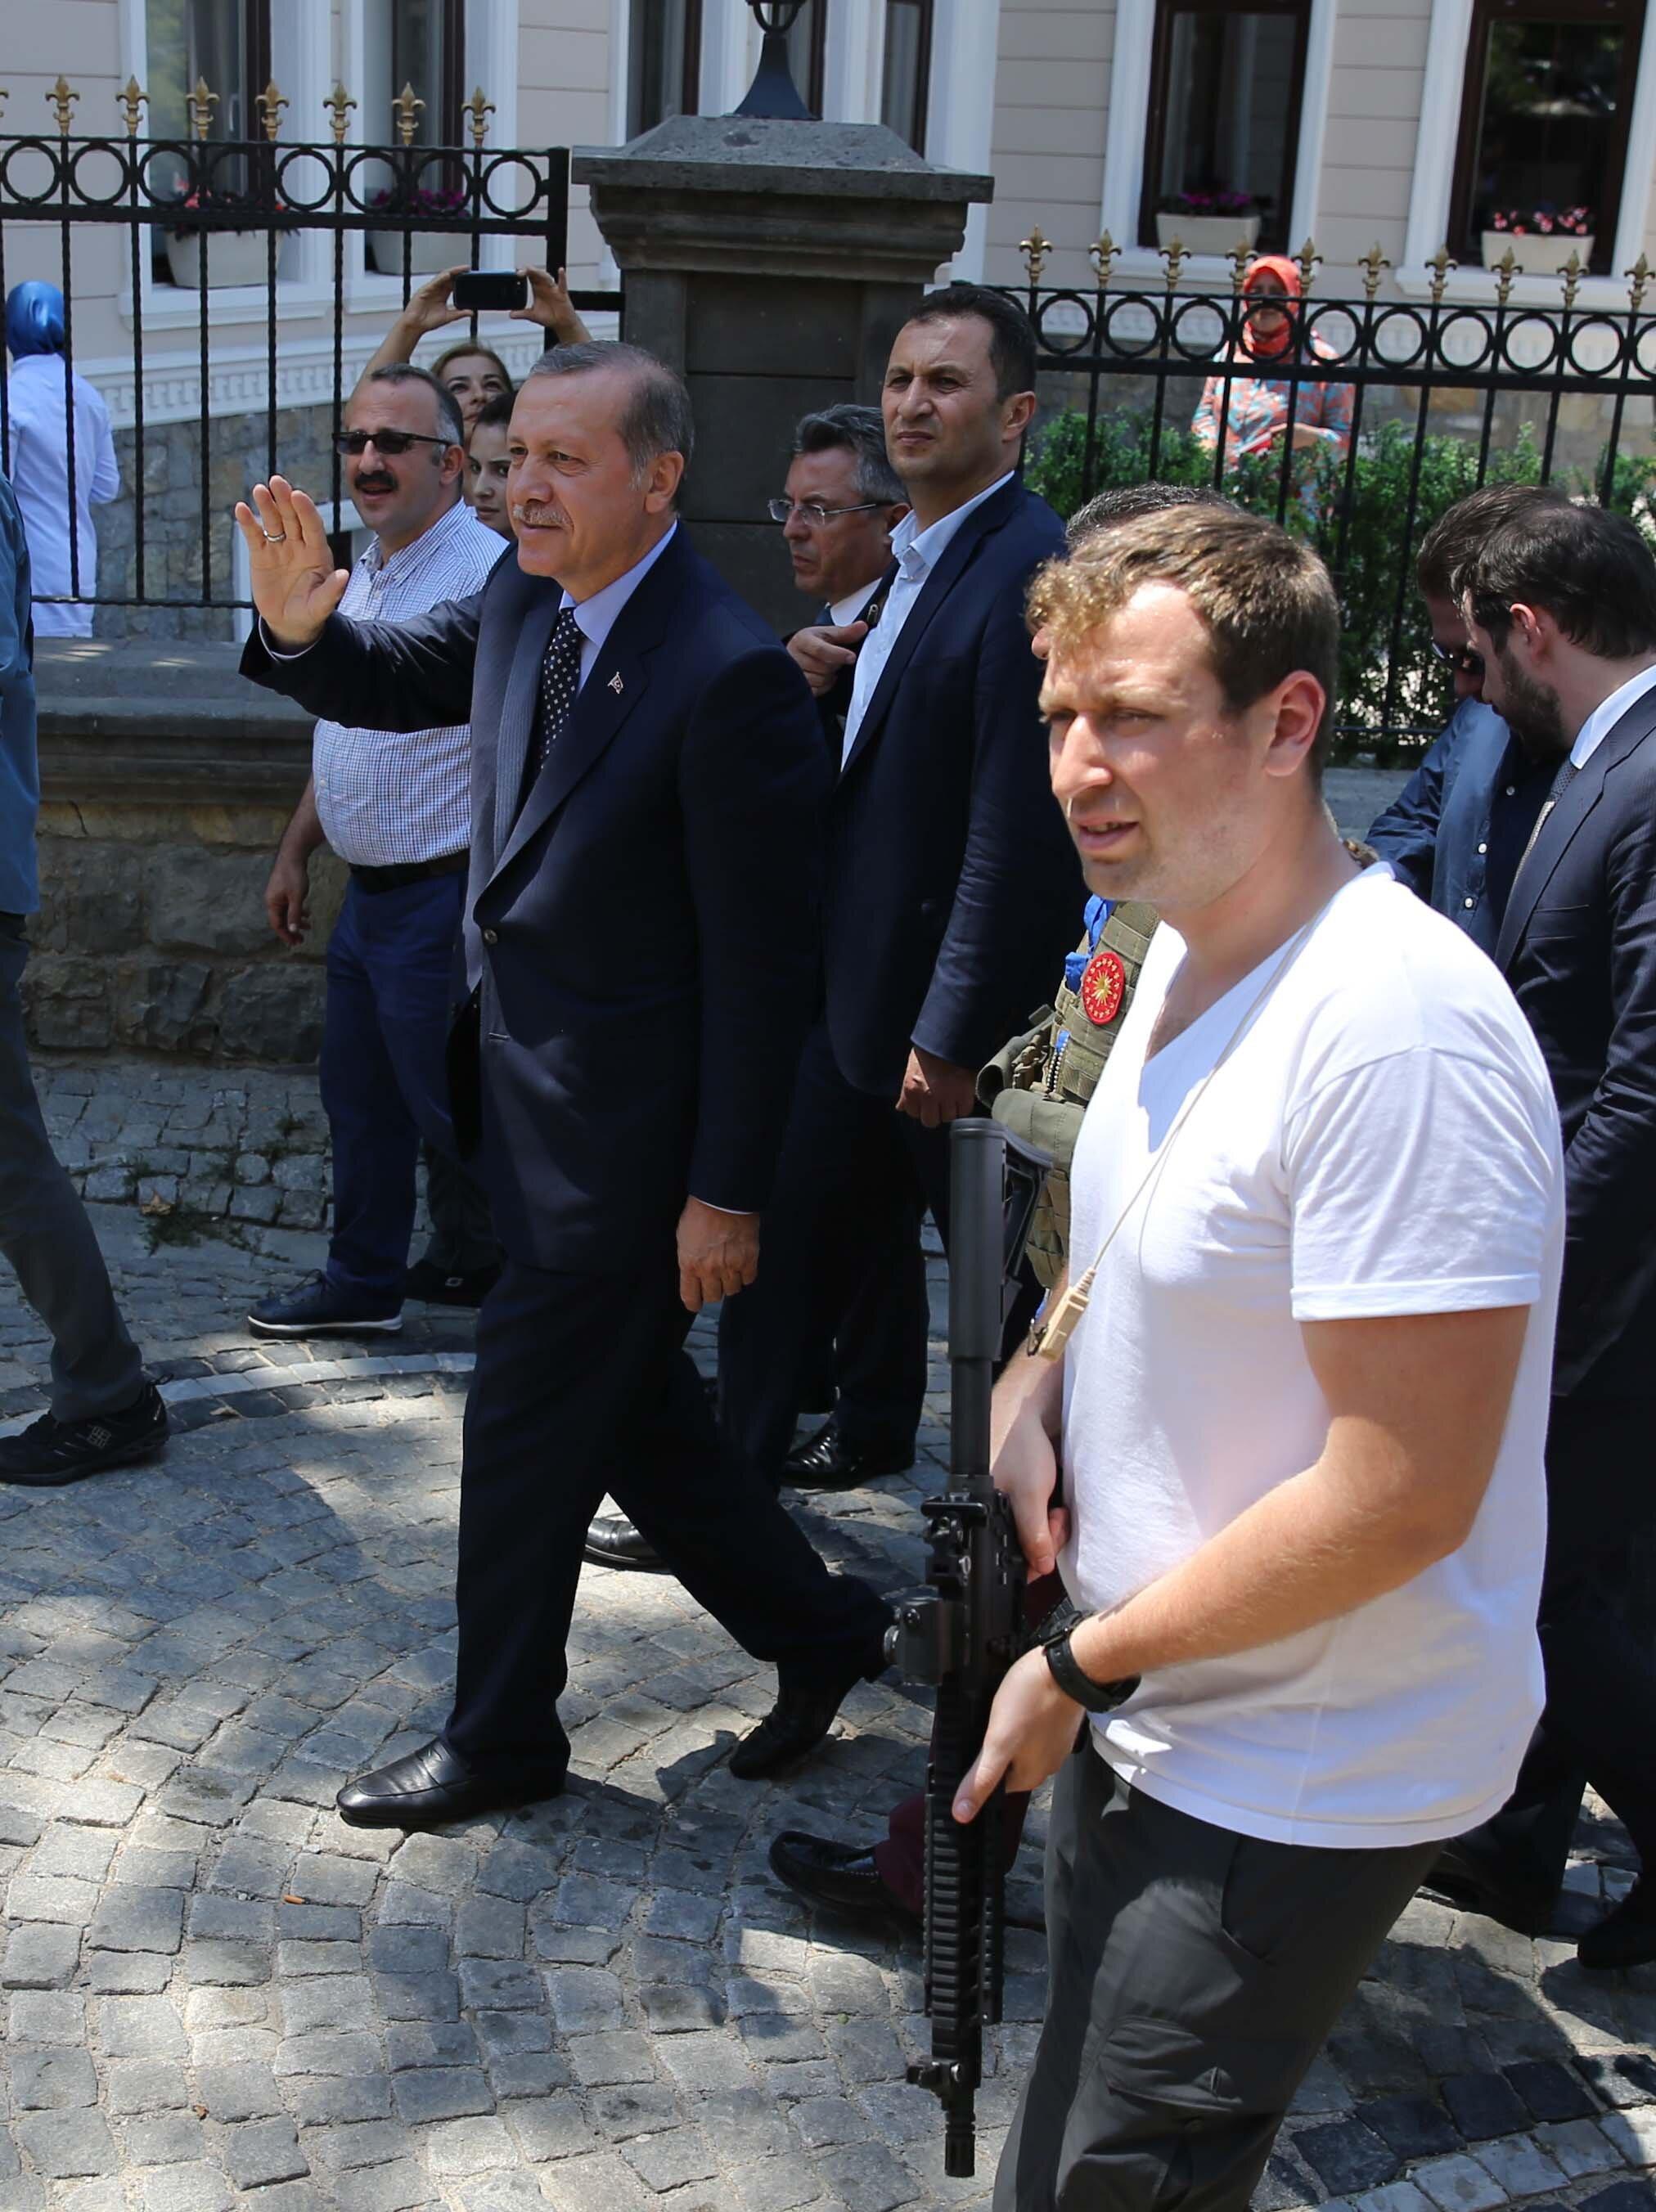 Cumhurbaşkanı Erdoğan konutu önünde toplanan halkı selamladı.